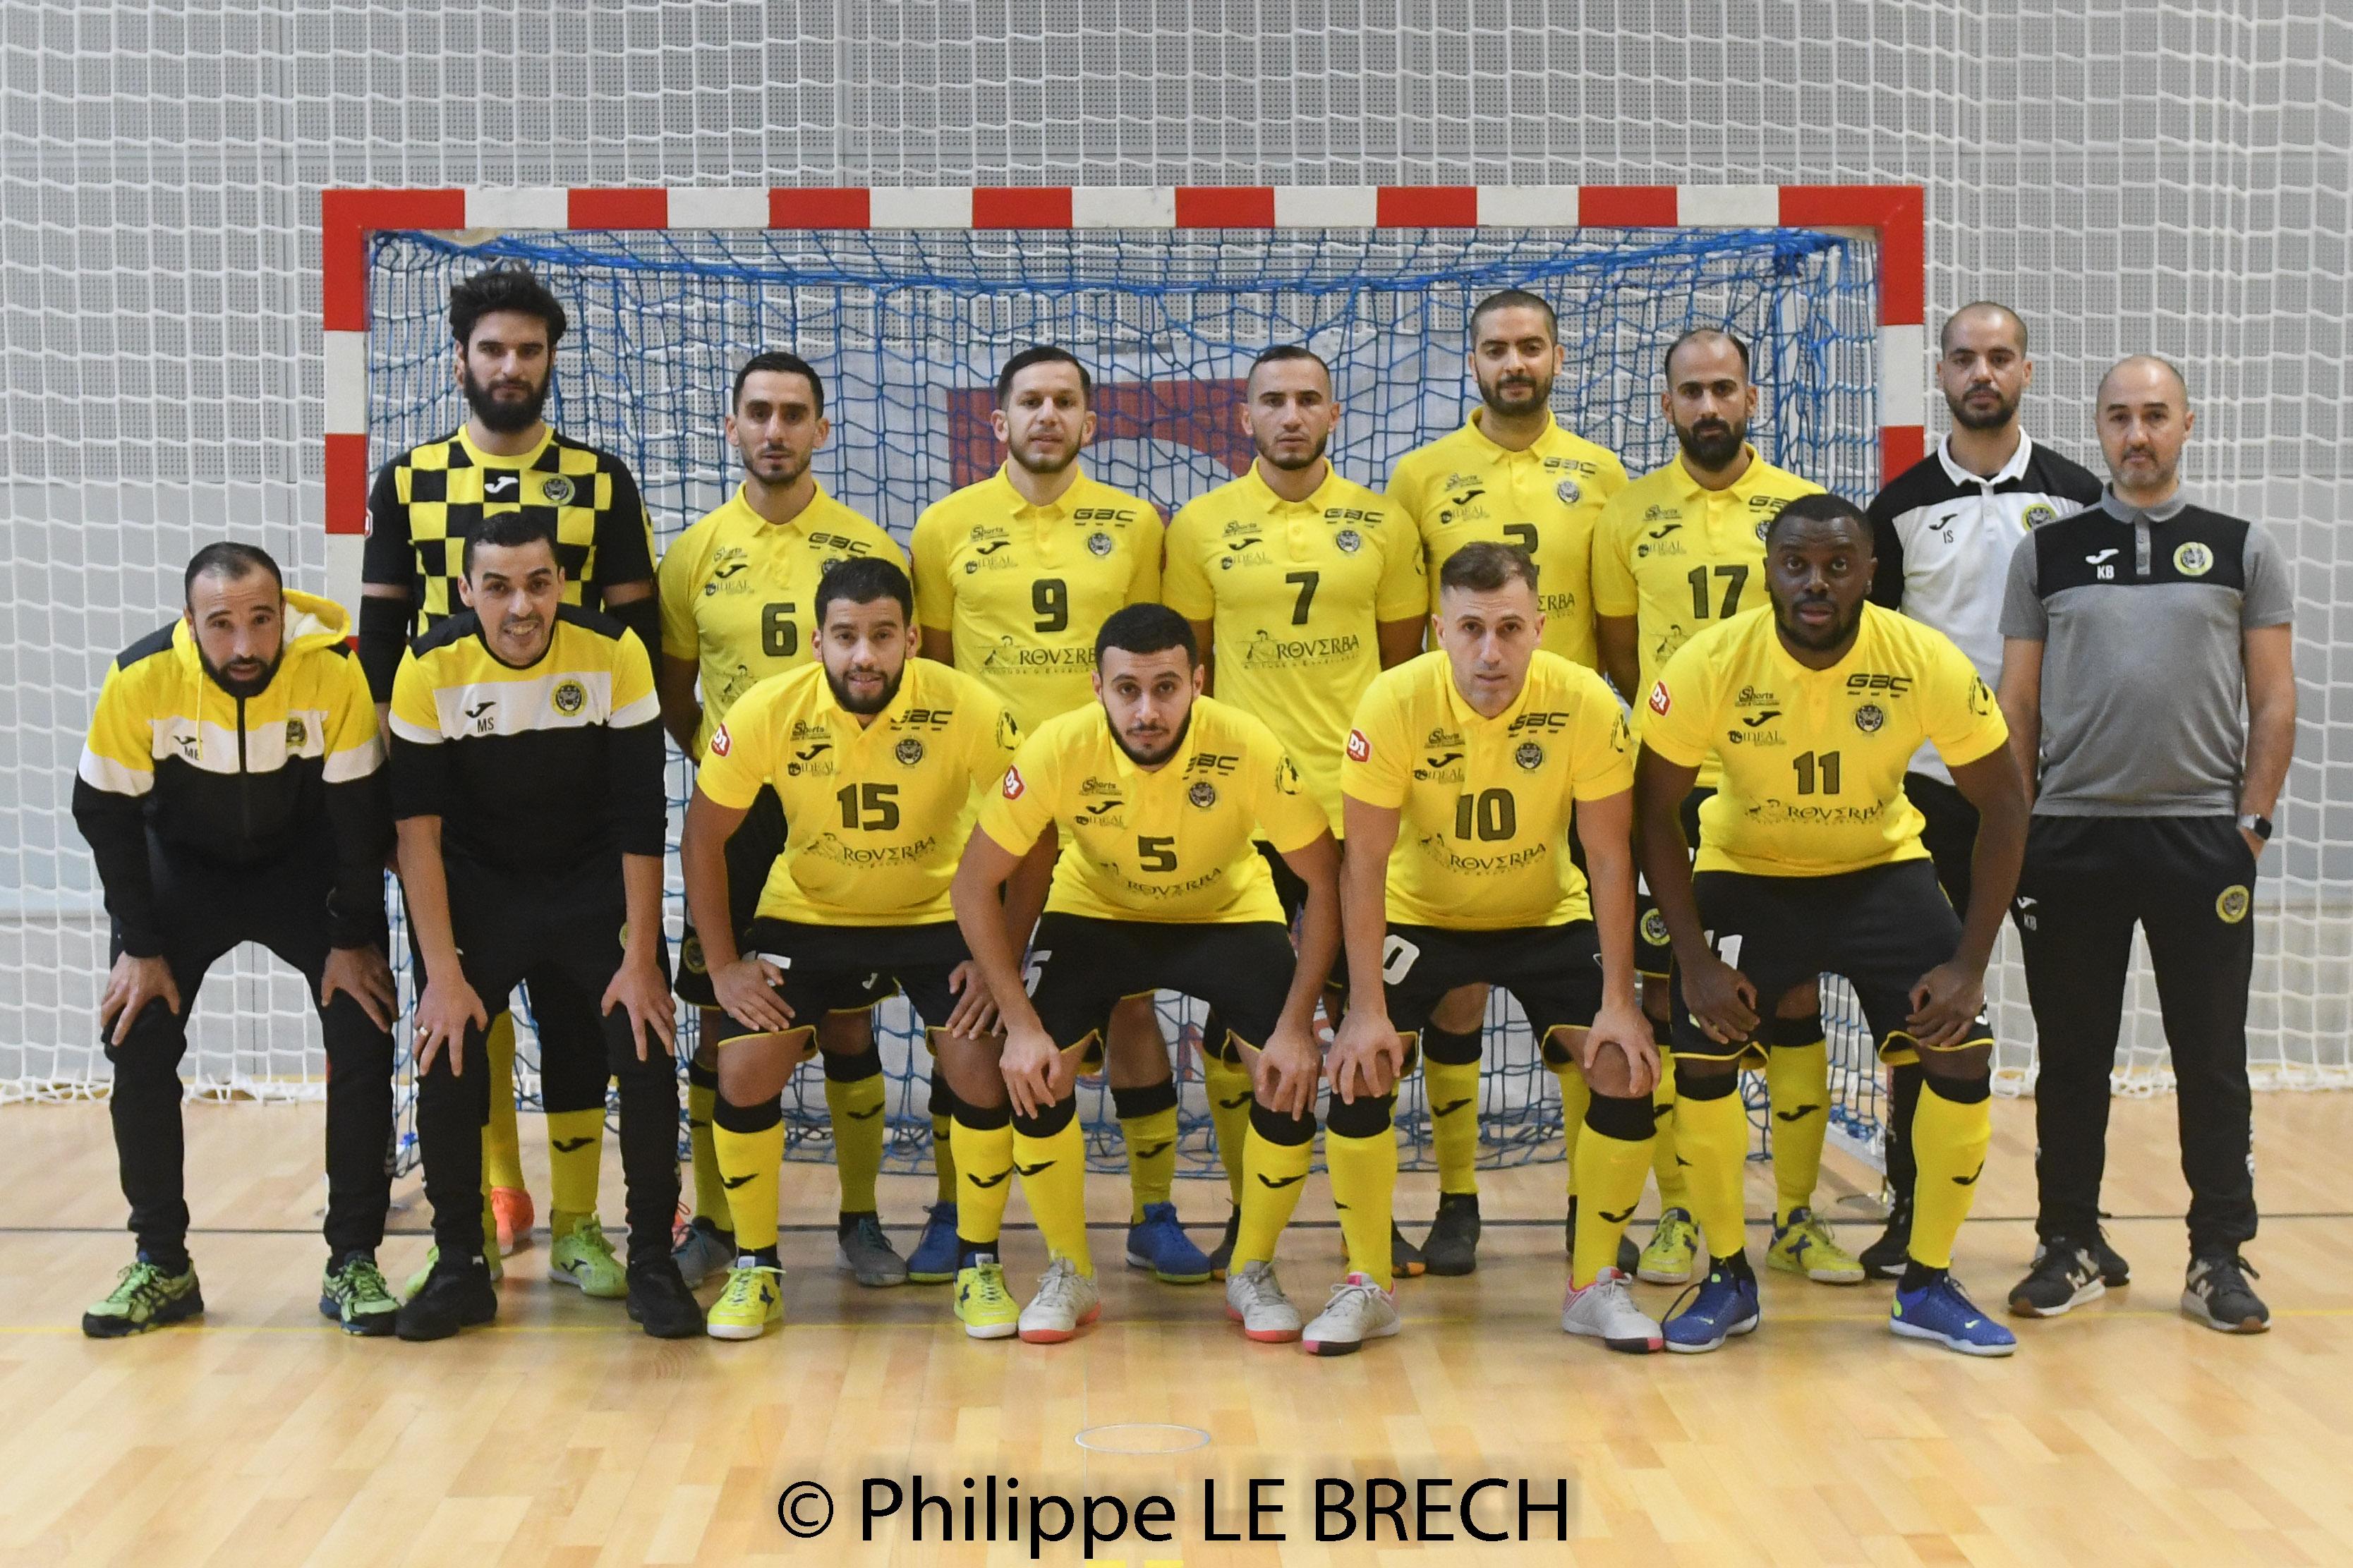 [Futsal] Chavanoz officiellement relégué en D2